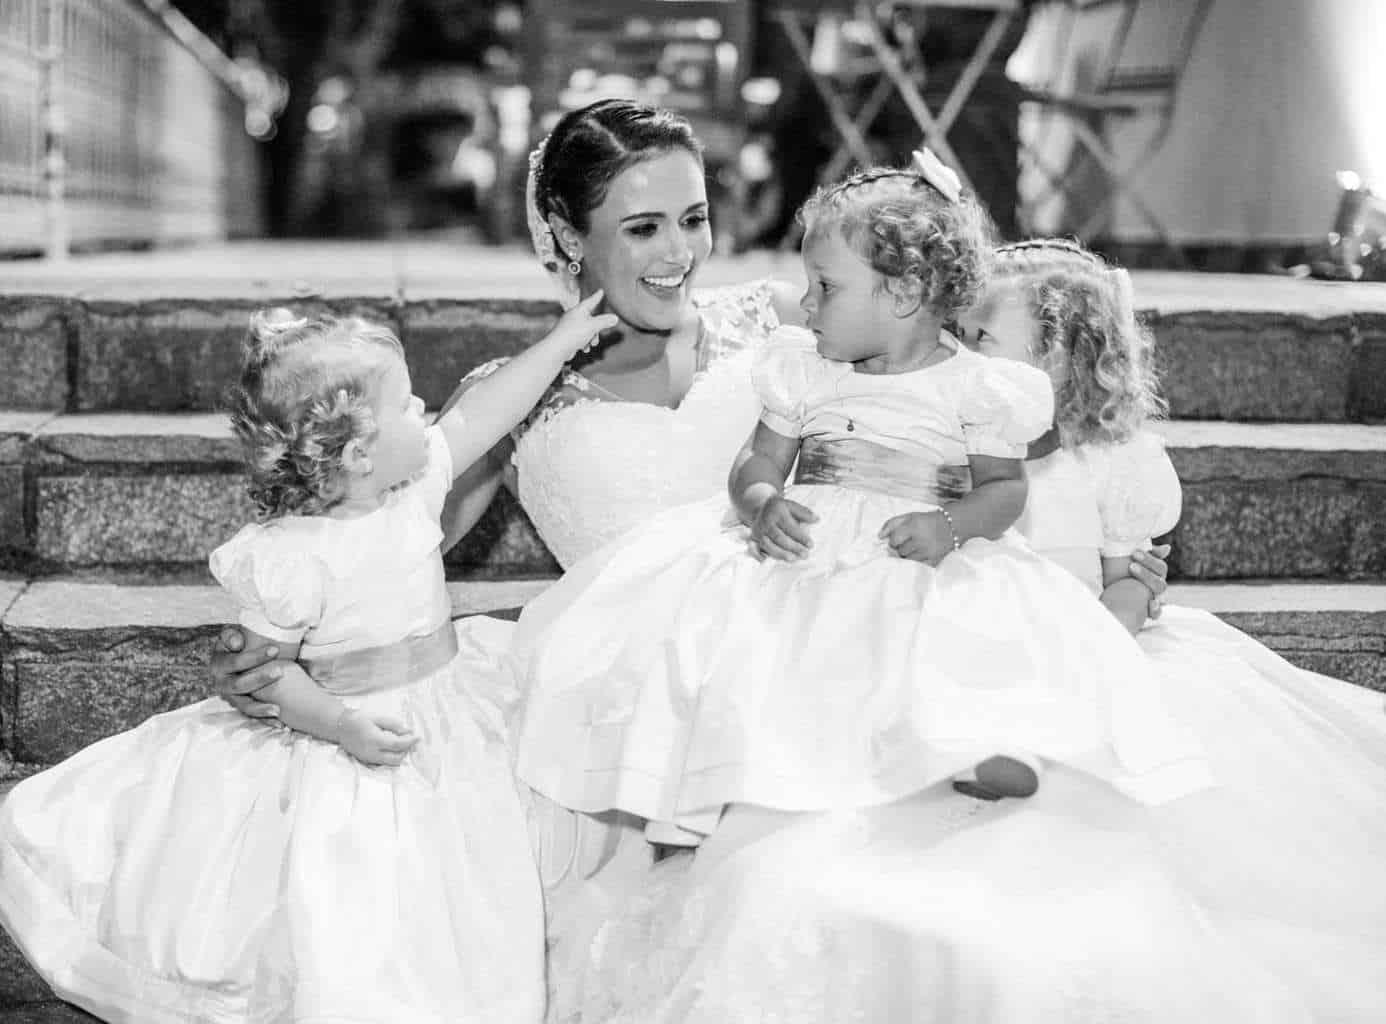 casamento-boho-chic-casamento-Luisa-e-David-Fotografia-Rodrigo-Sack-Largo-do-Arruda-Rio-de-Janeiro-39